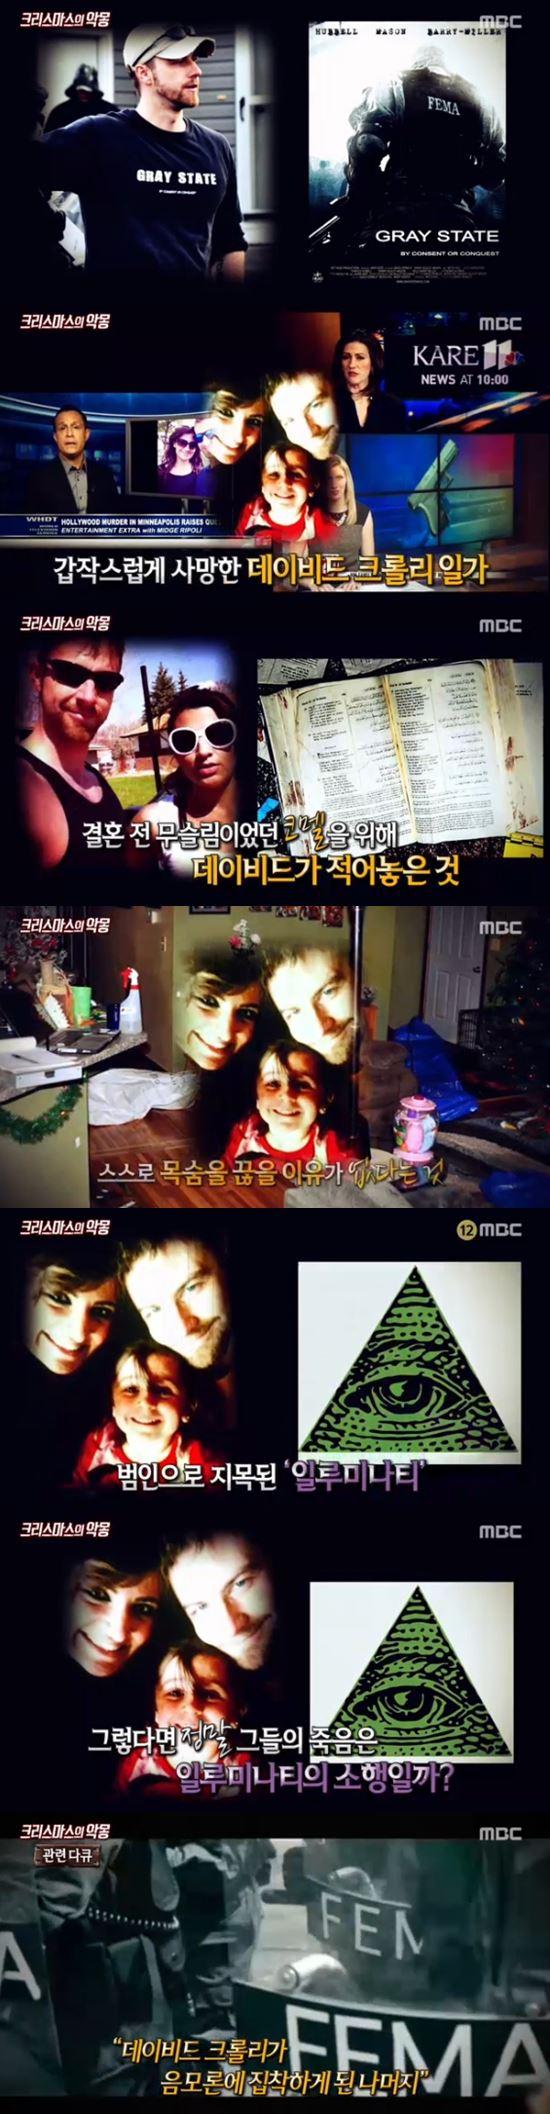 `그레이 스테이트` 제작자 데이비드 크롤리 사망 미스터리…자살 혹은 타살?